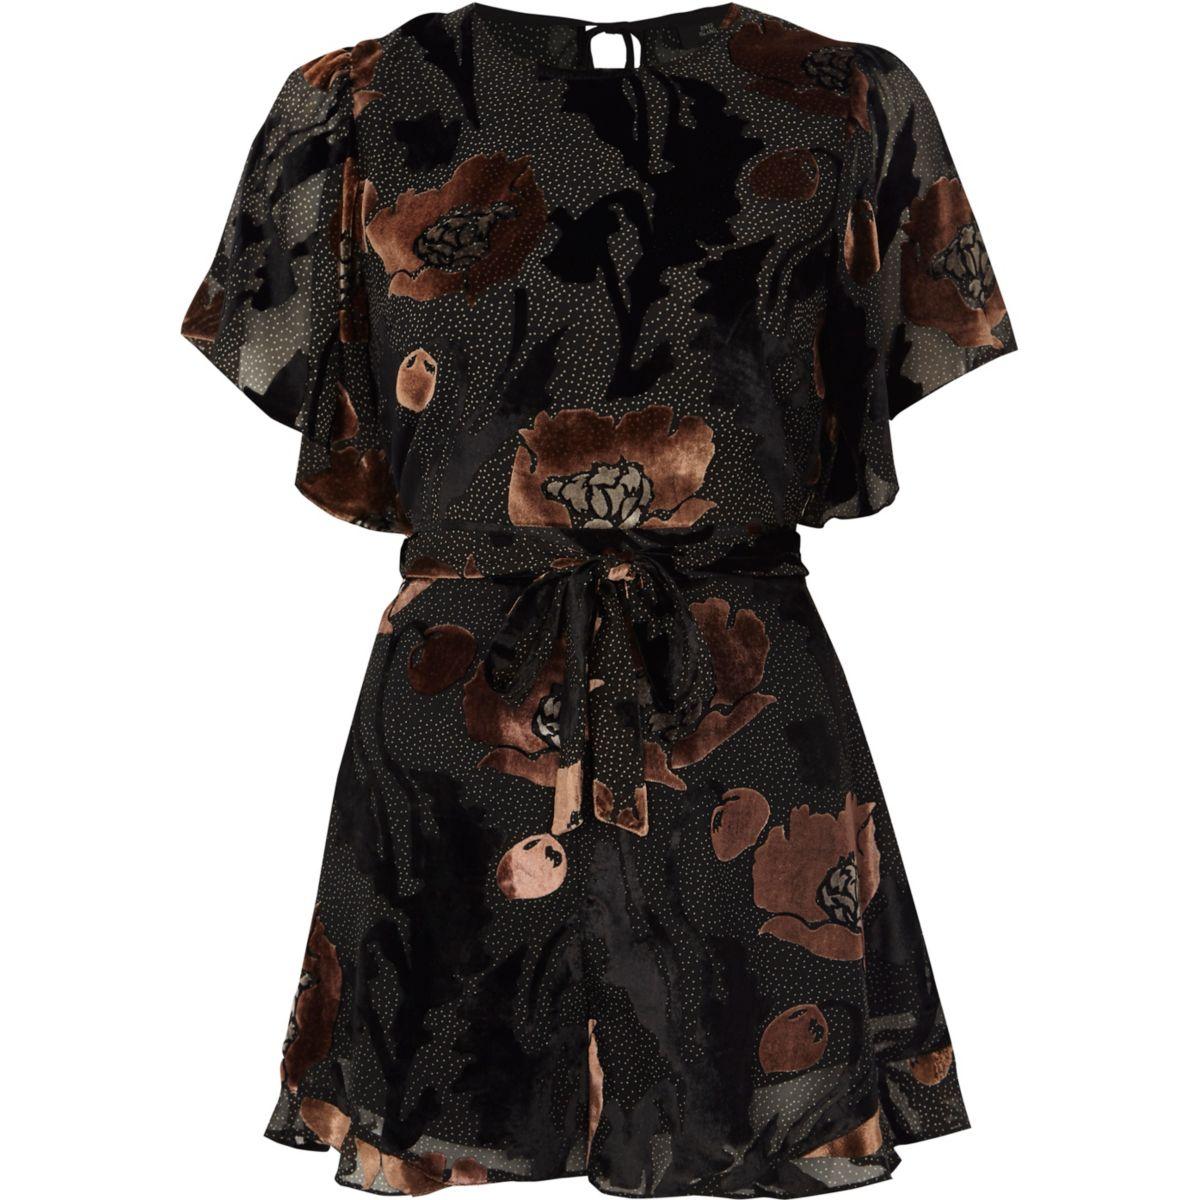 Black floral devore tie waist frill playsuit